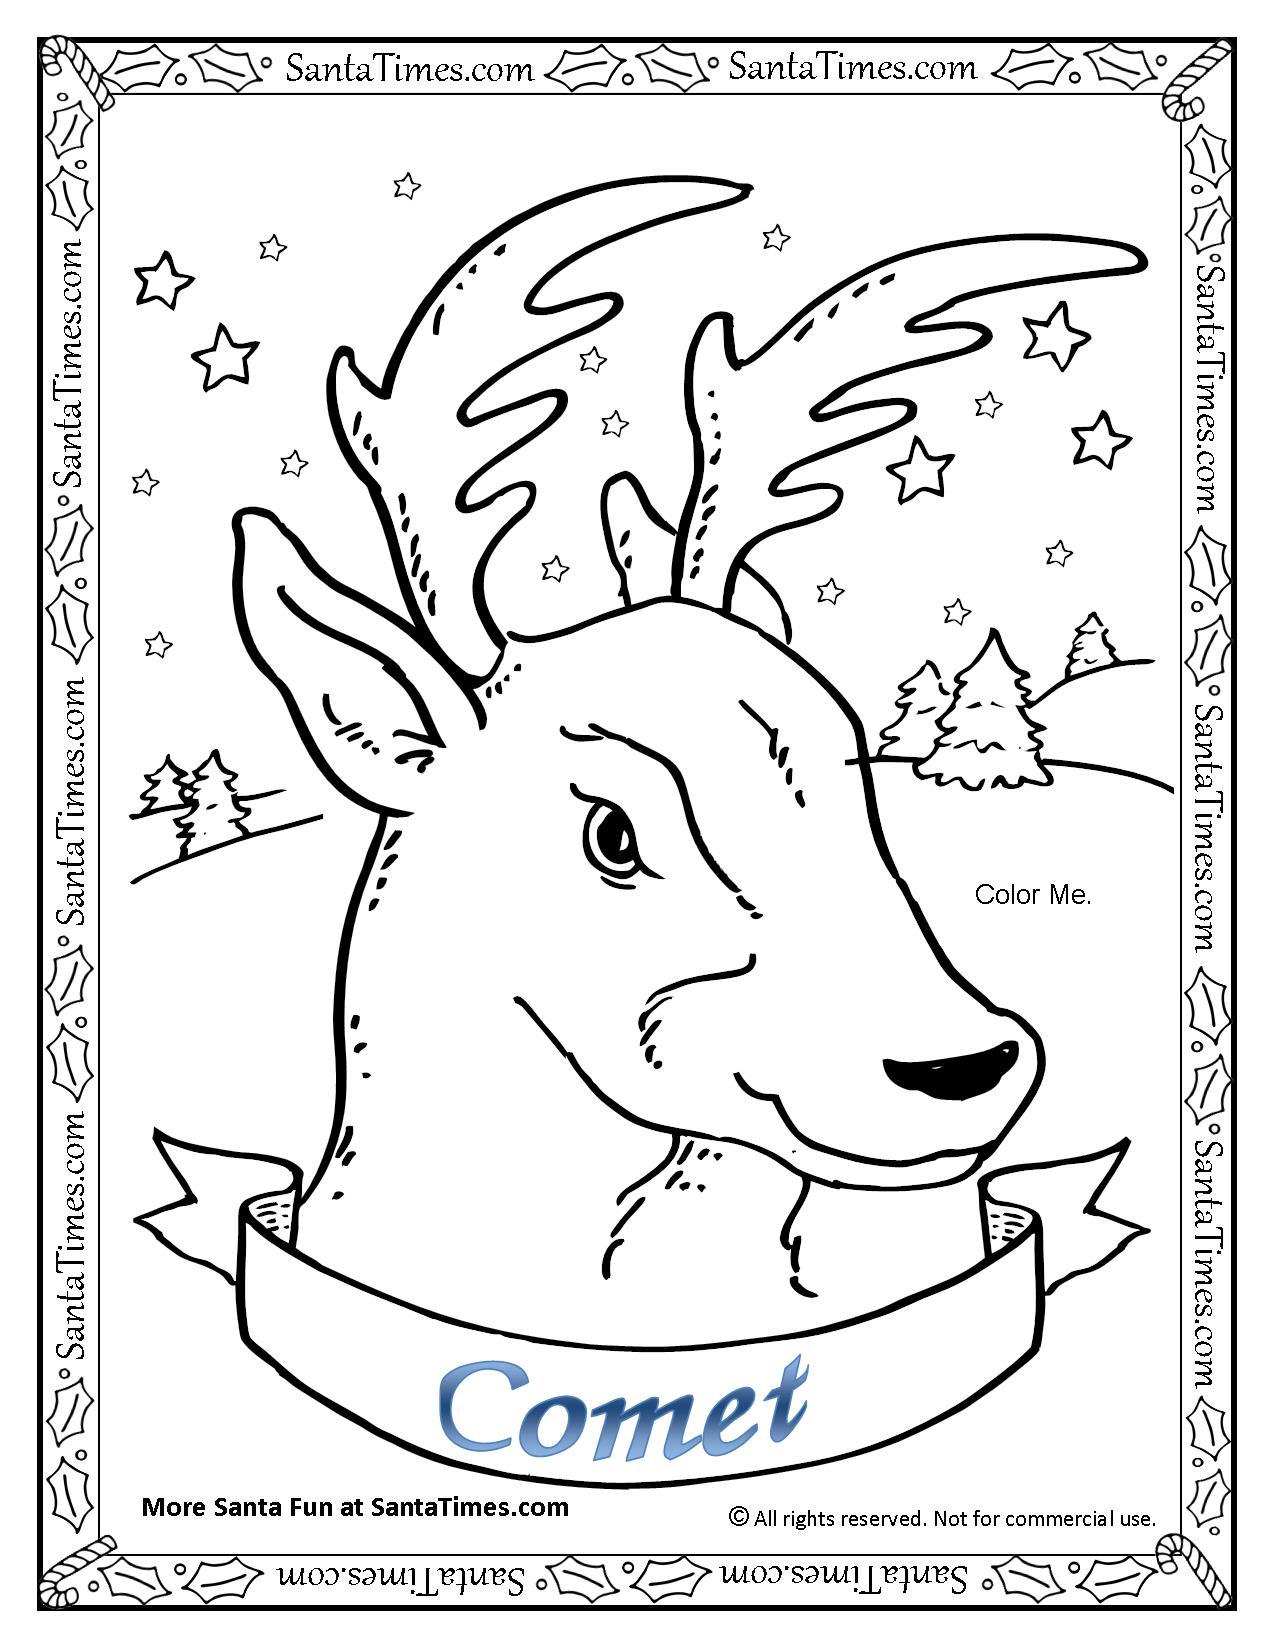 Et The Reindeer